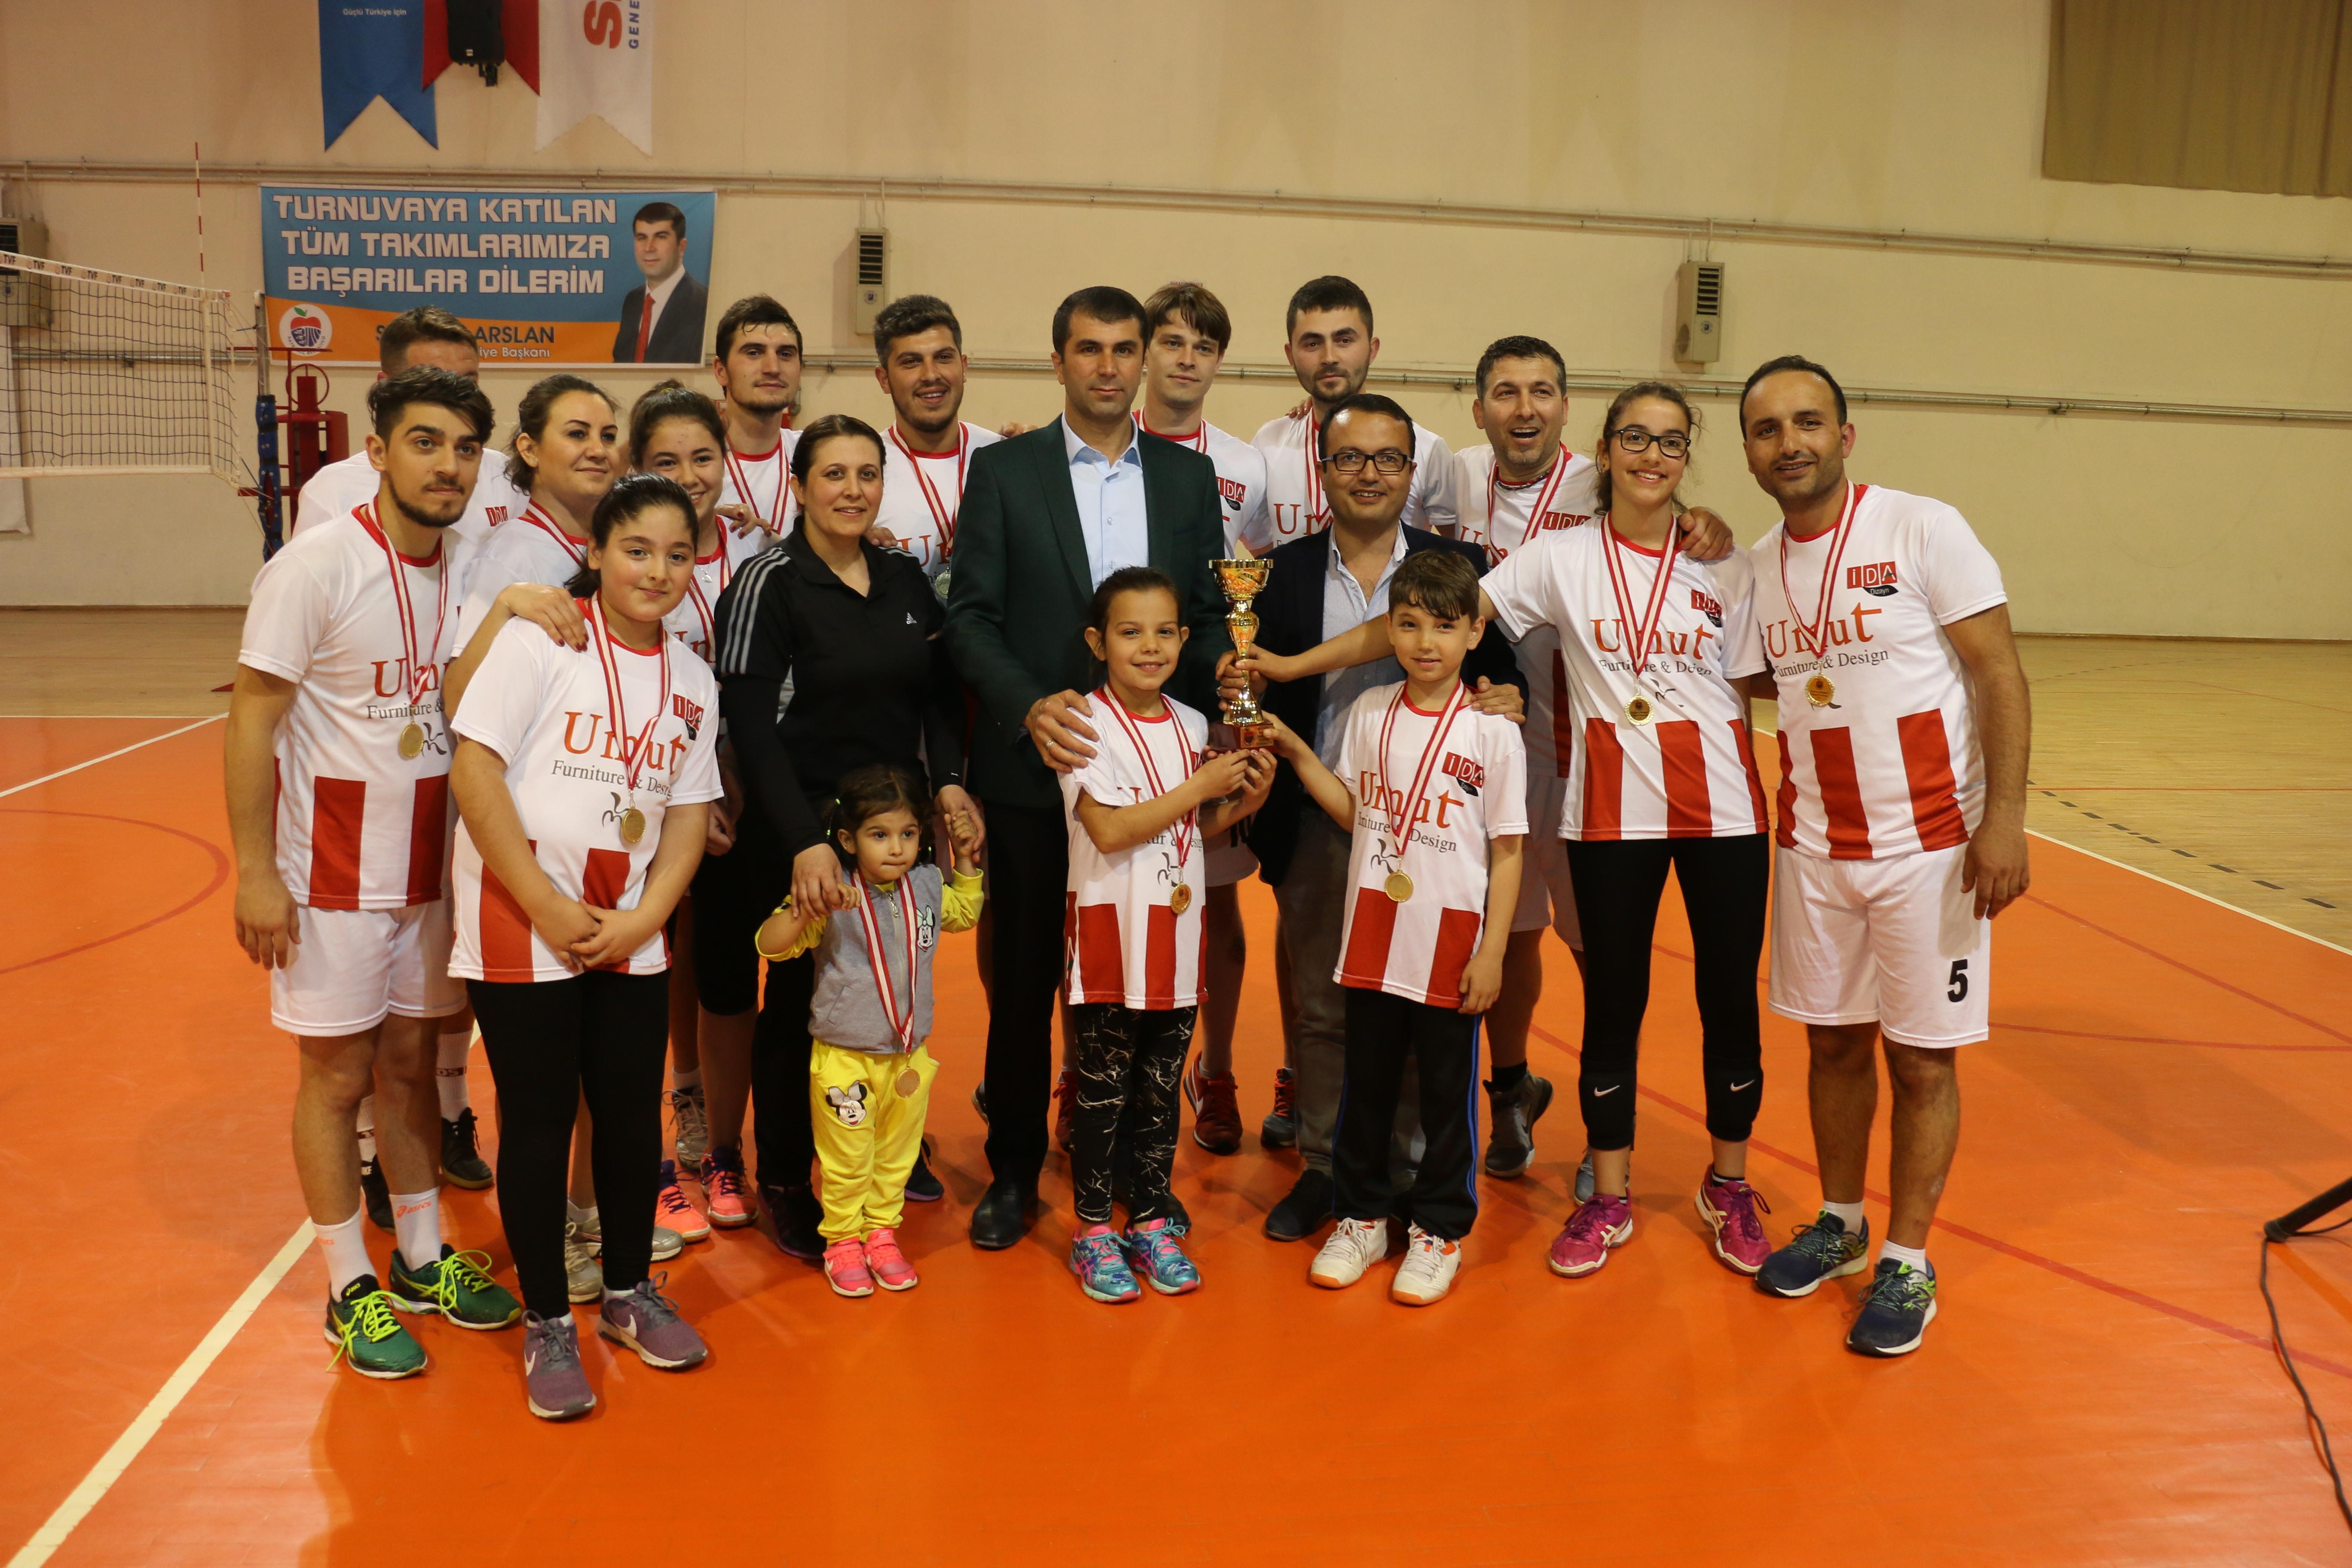 Bayramiç Belediyesi Voleybol Turnuvası Finali Gerçekleştirildi.